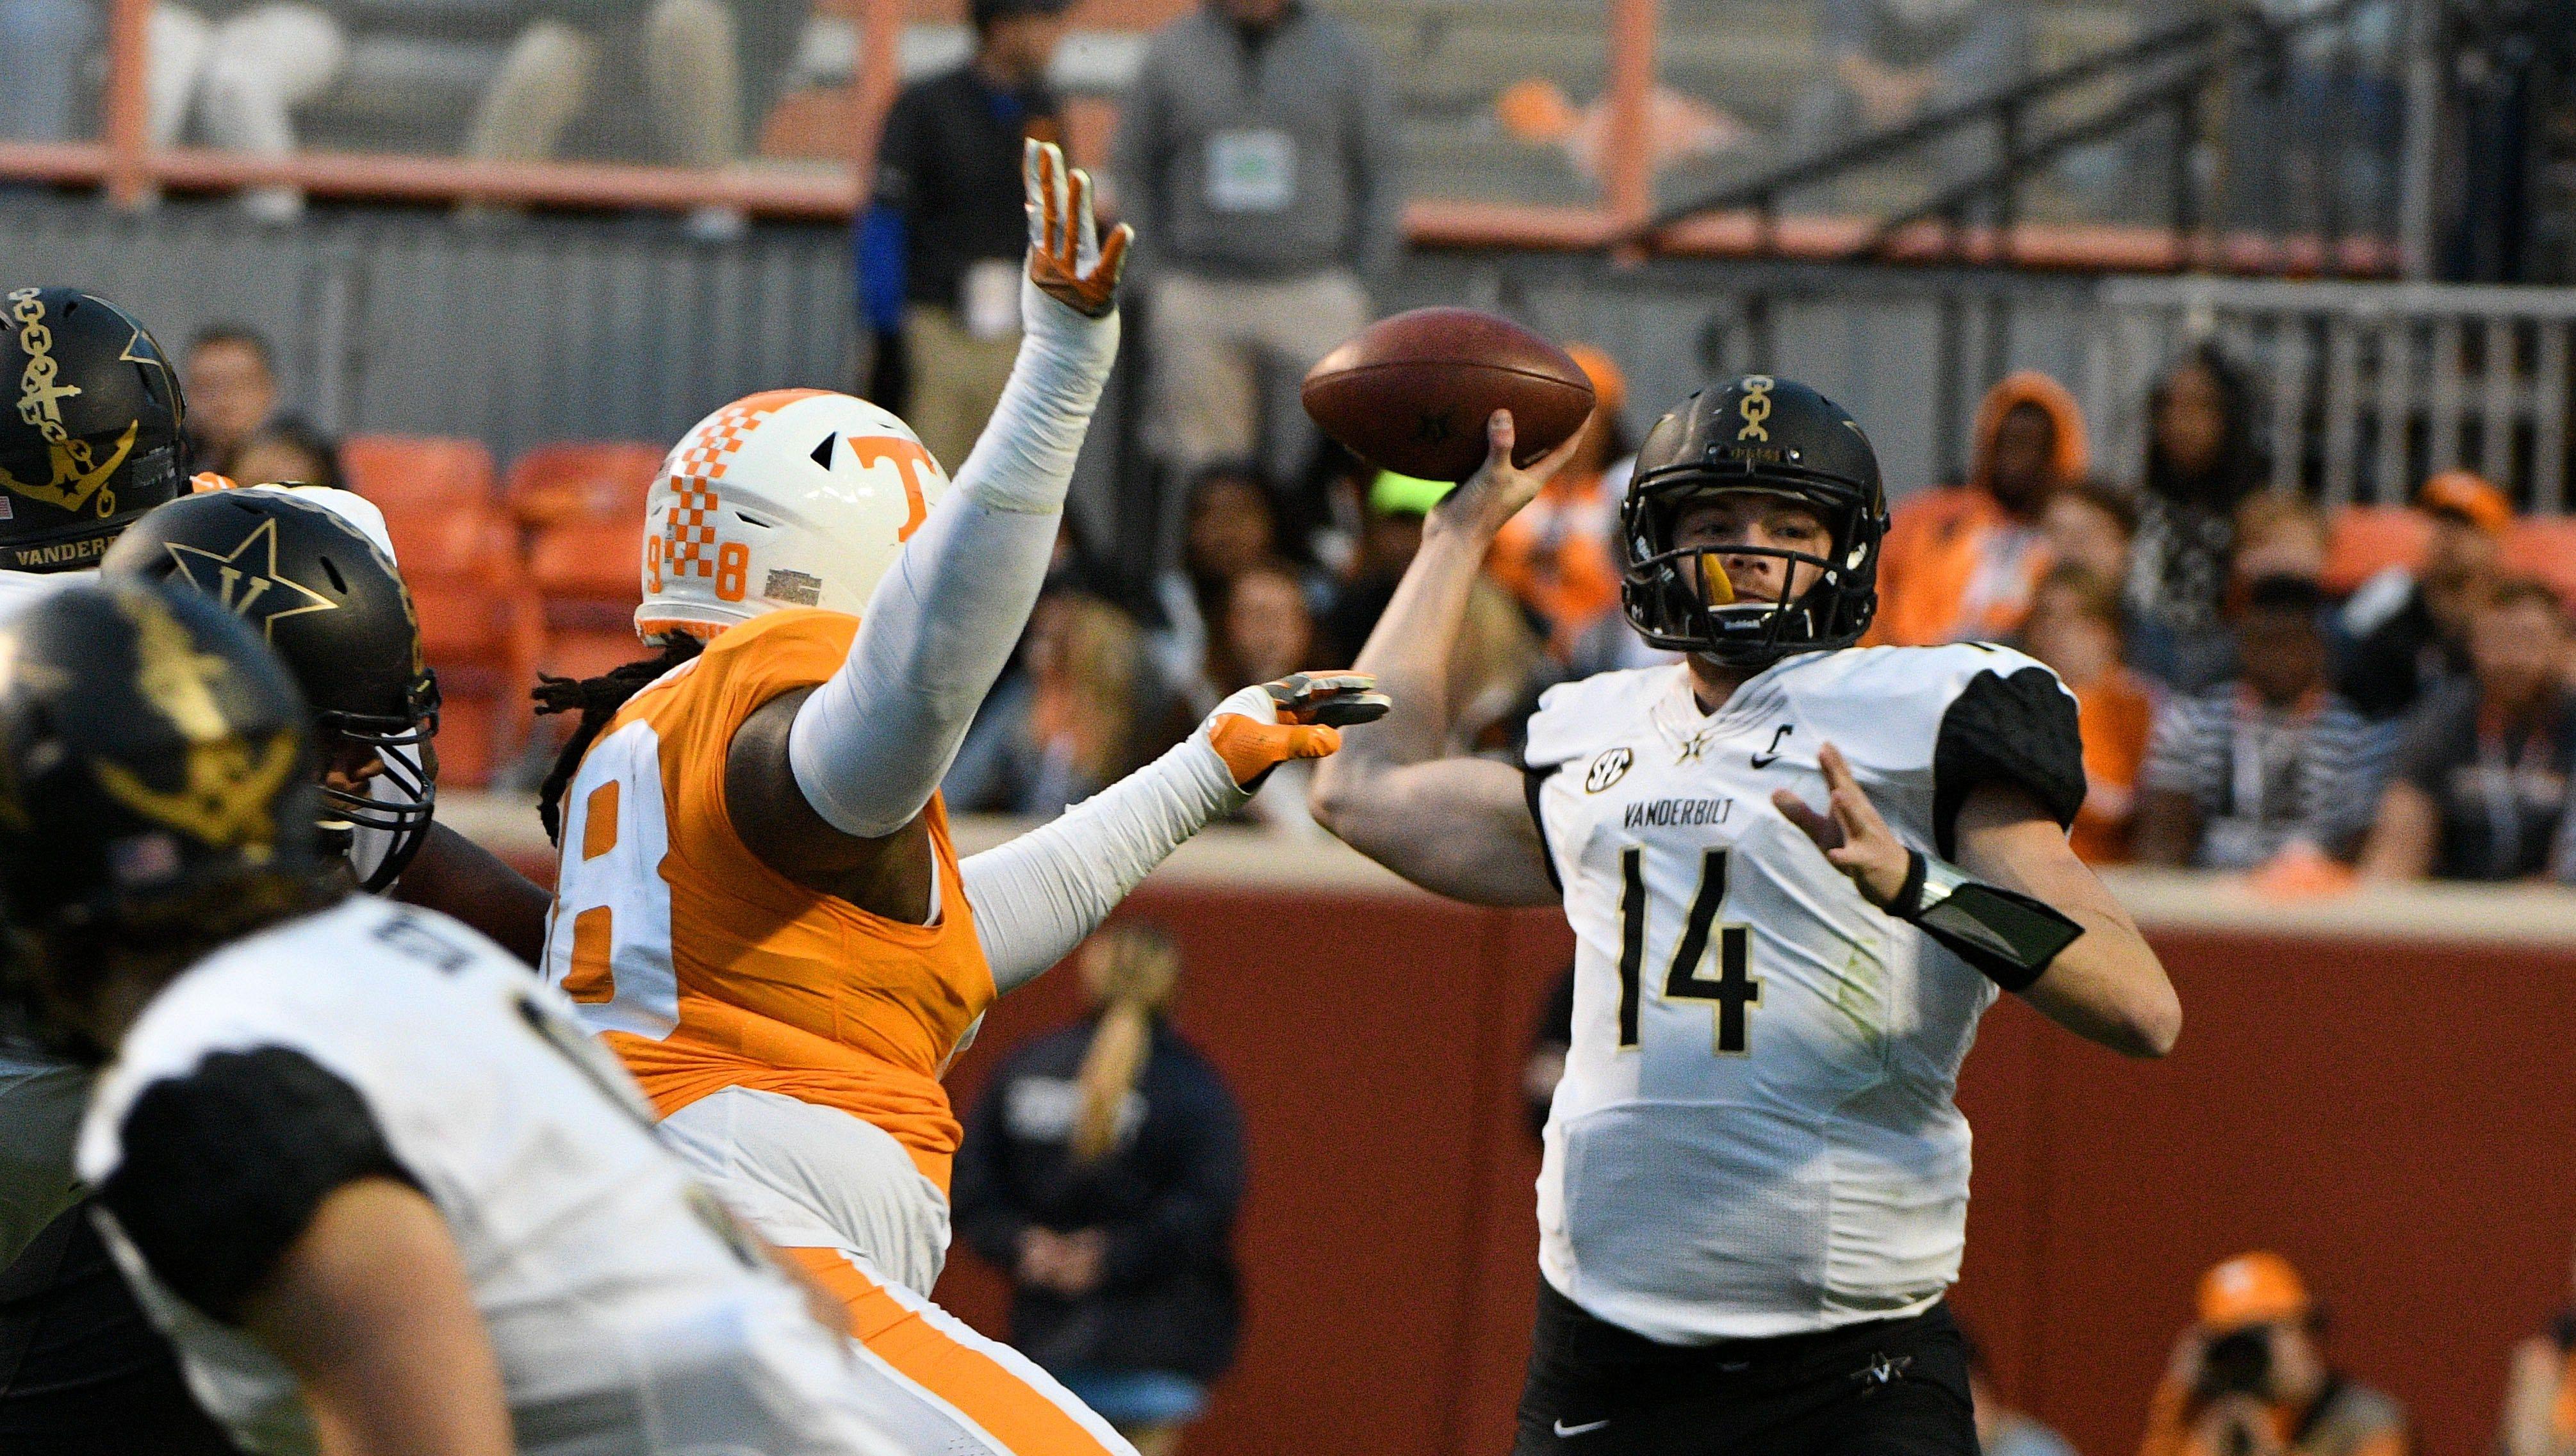 UT Vols have to deal with Vanderbilt's Kyle Shurmur next